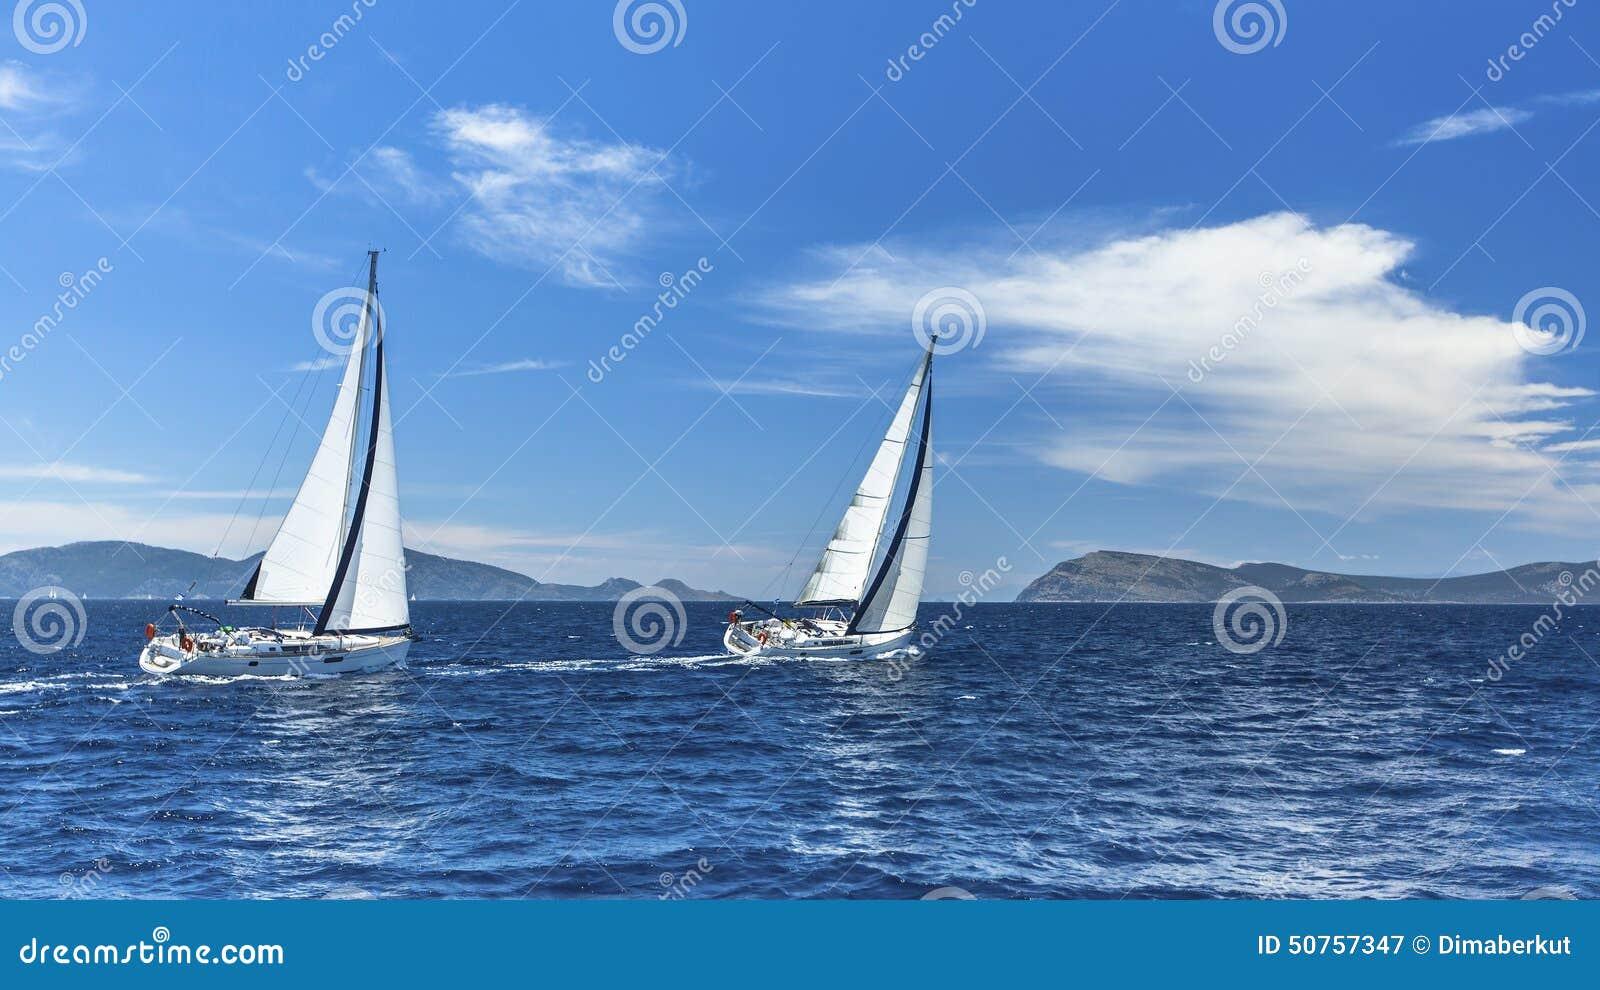 Zeilboten in het varen regatta sailing nave